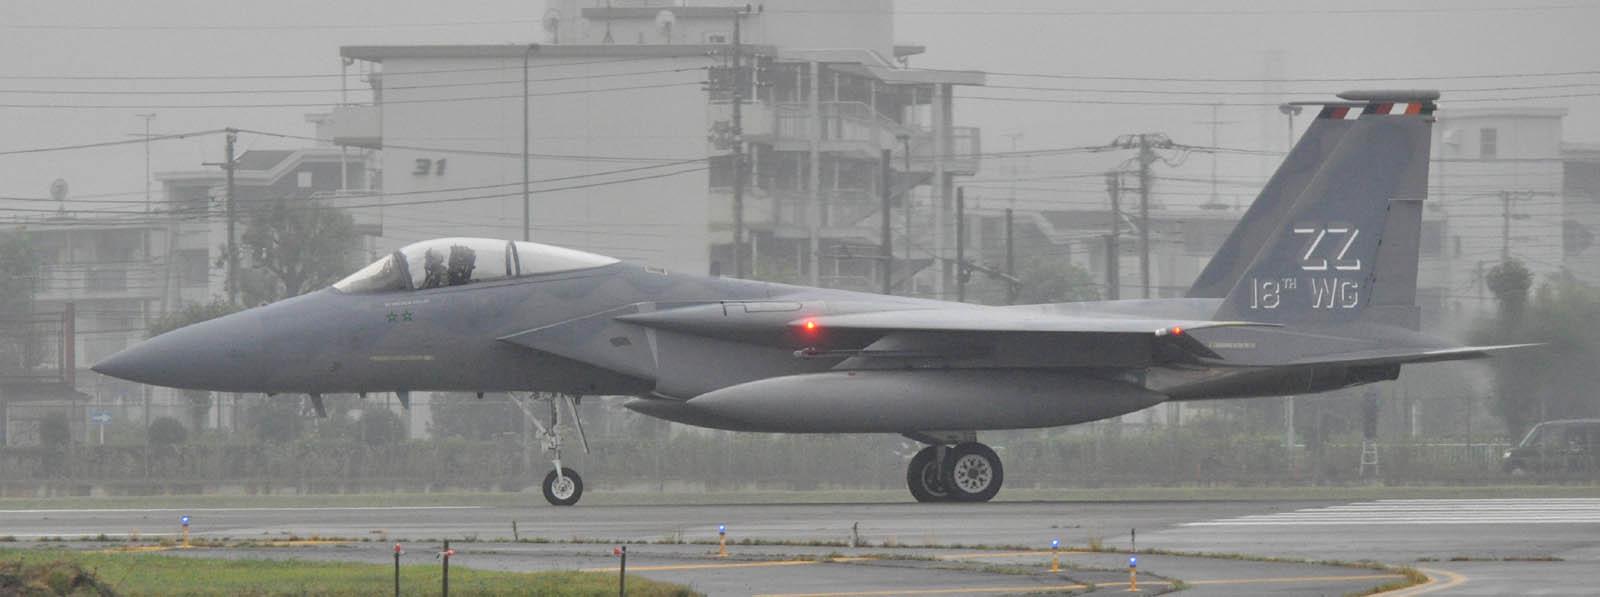 F15c120720g996